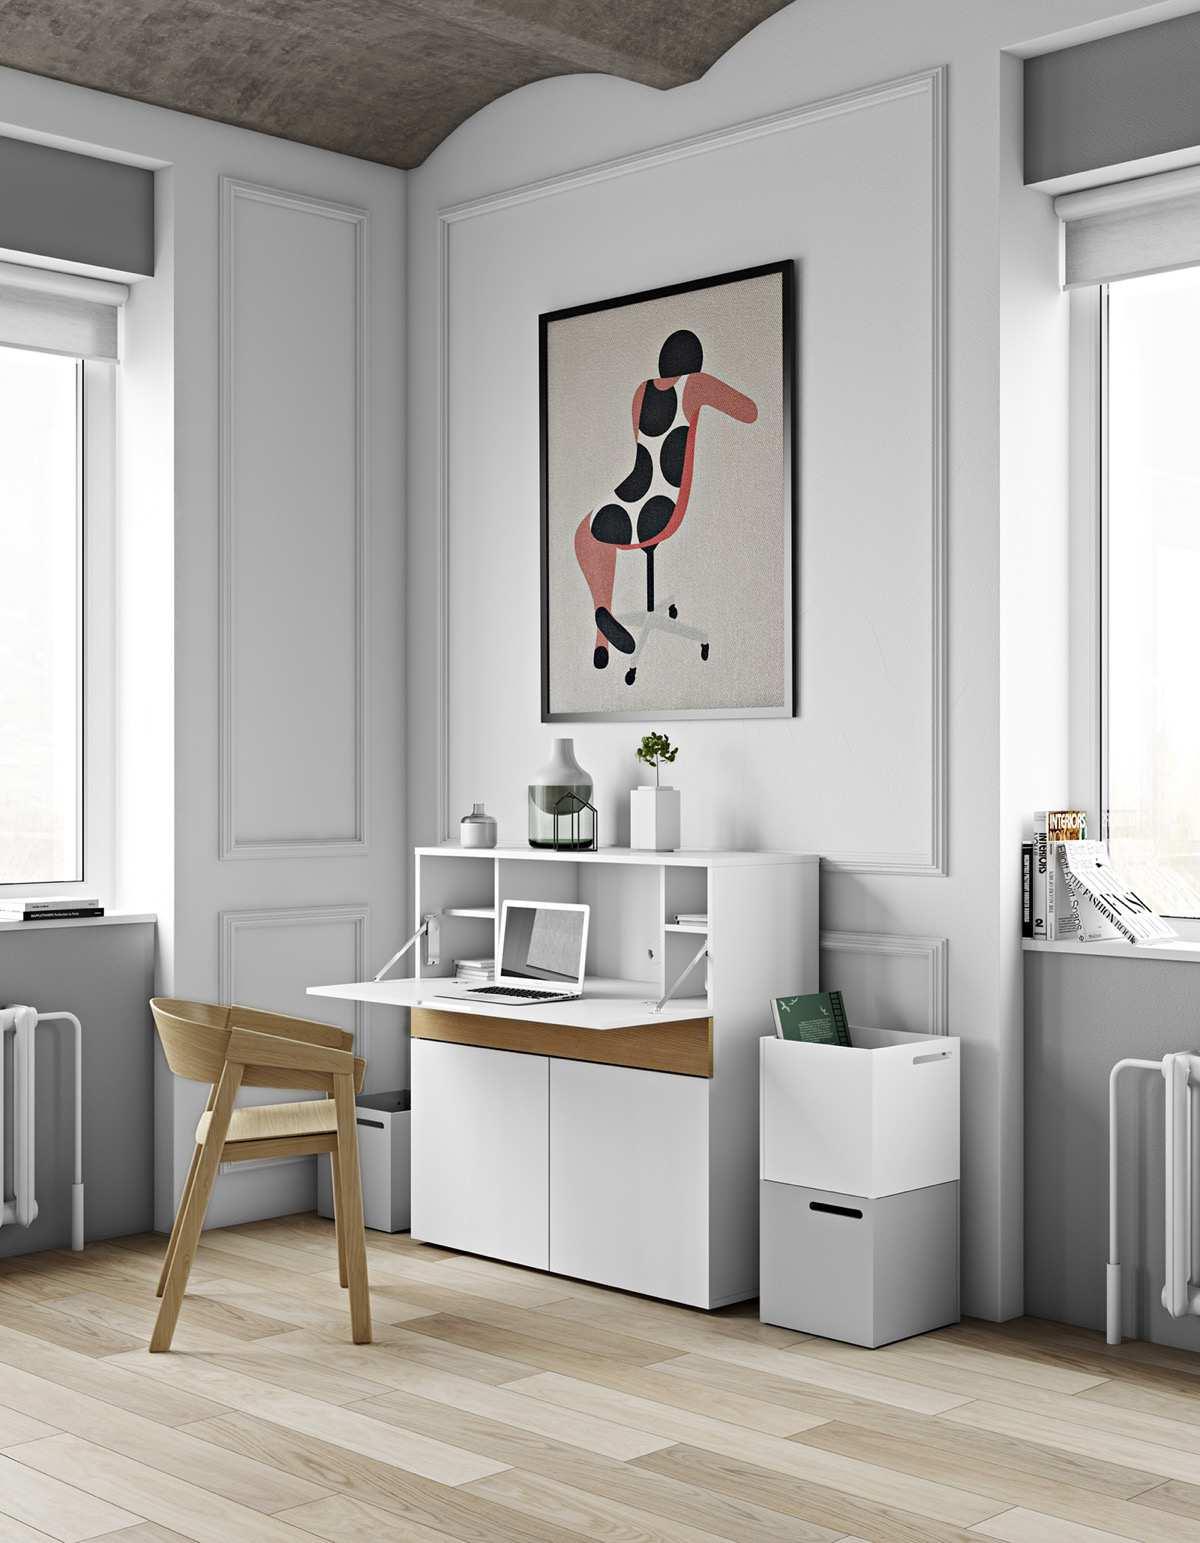 طراحی 50 نمونه دفتر کار مدرن خانگی با ایده های الهام بخش - Modern Home Office 36